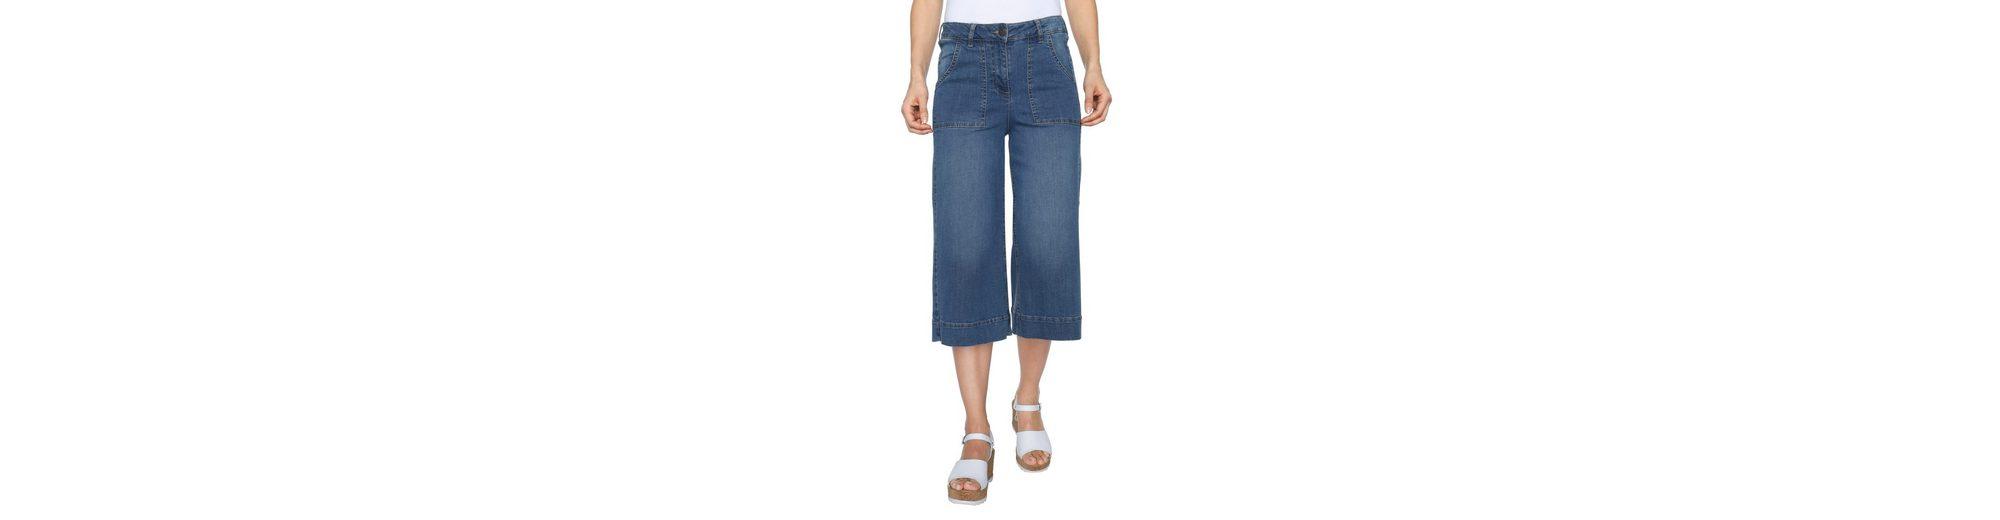 Rabatt Schnelle Lieferung Laura Kent Hosenrock aus Jeansqualität Günstig Kauft Besten Platz Neuer Stil QebQhhr